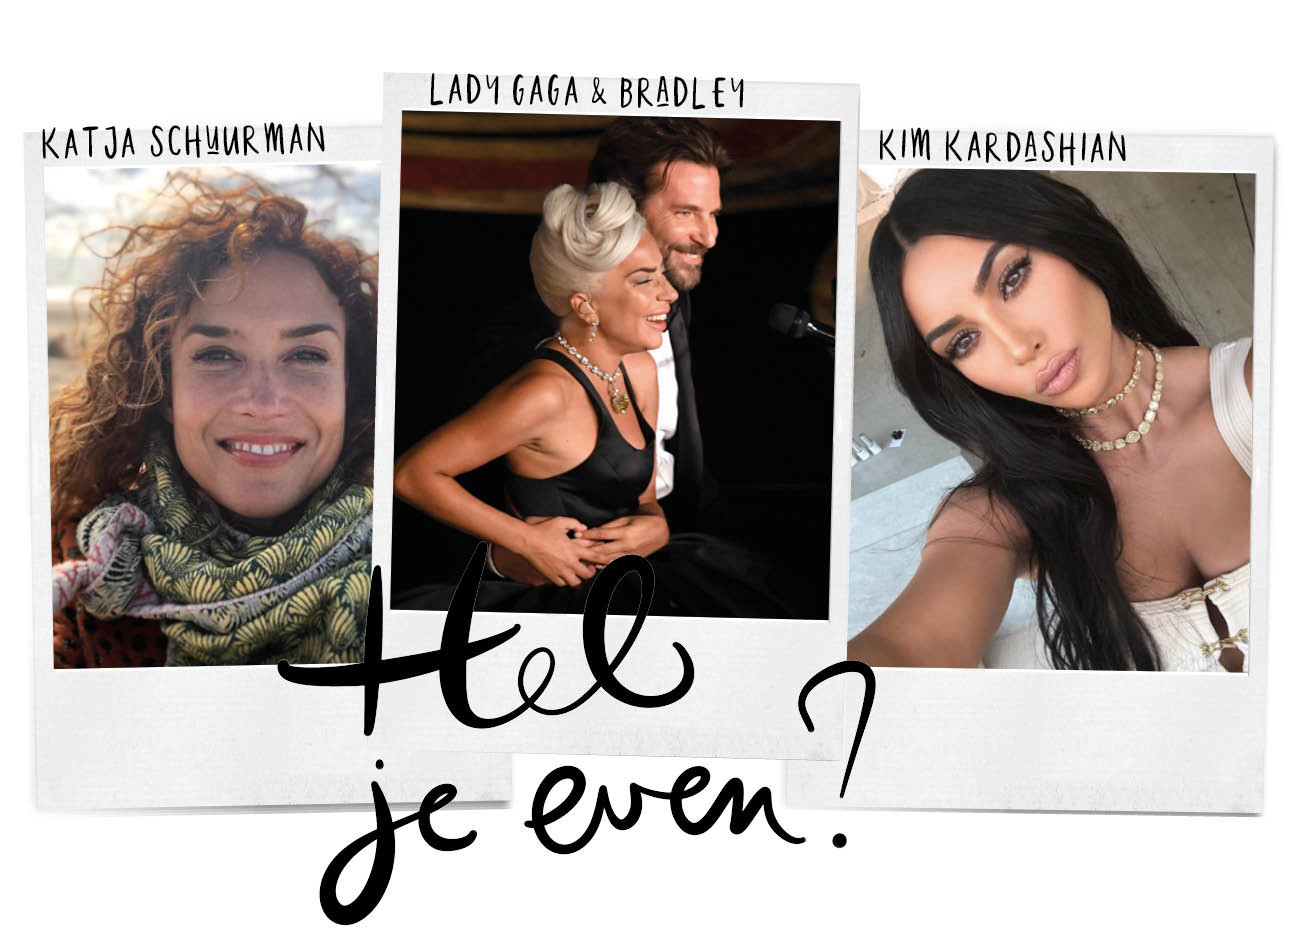 katja schuurman, lady gaga en bradley cooper achter een piano en een selfie van kim kardashian